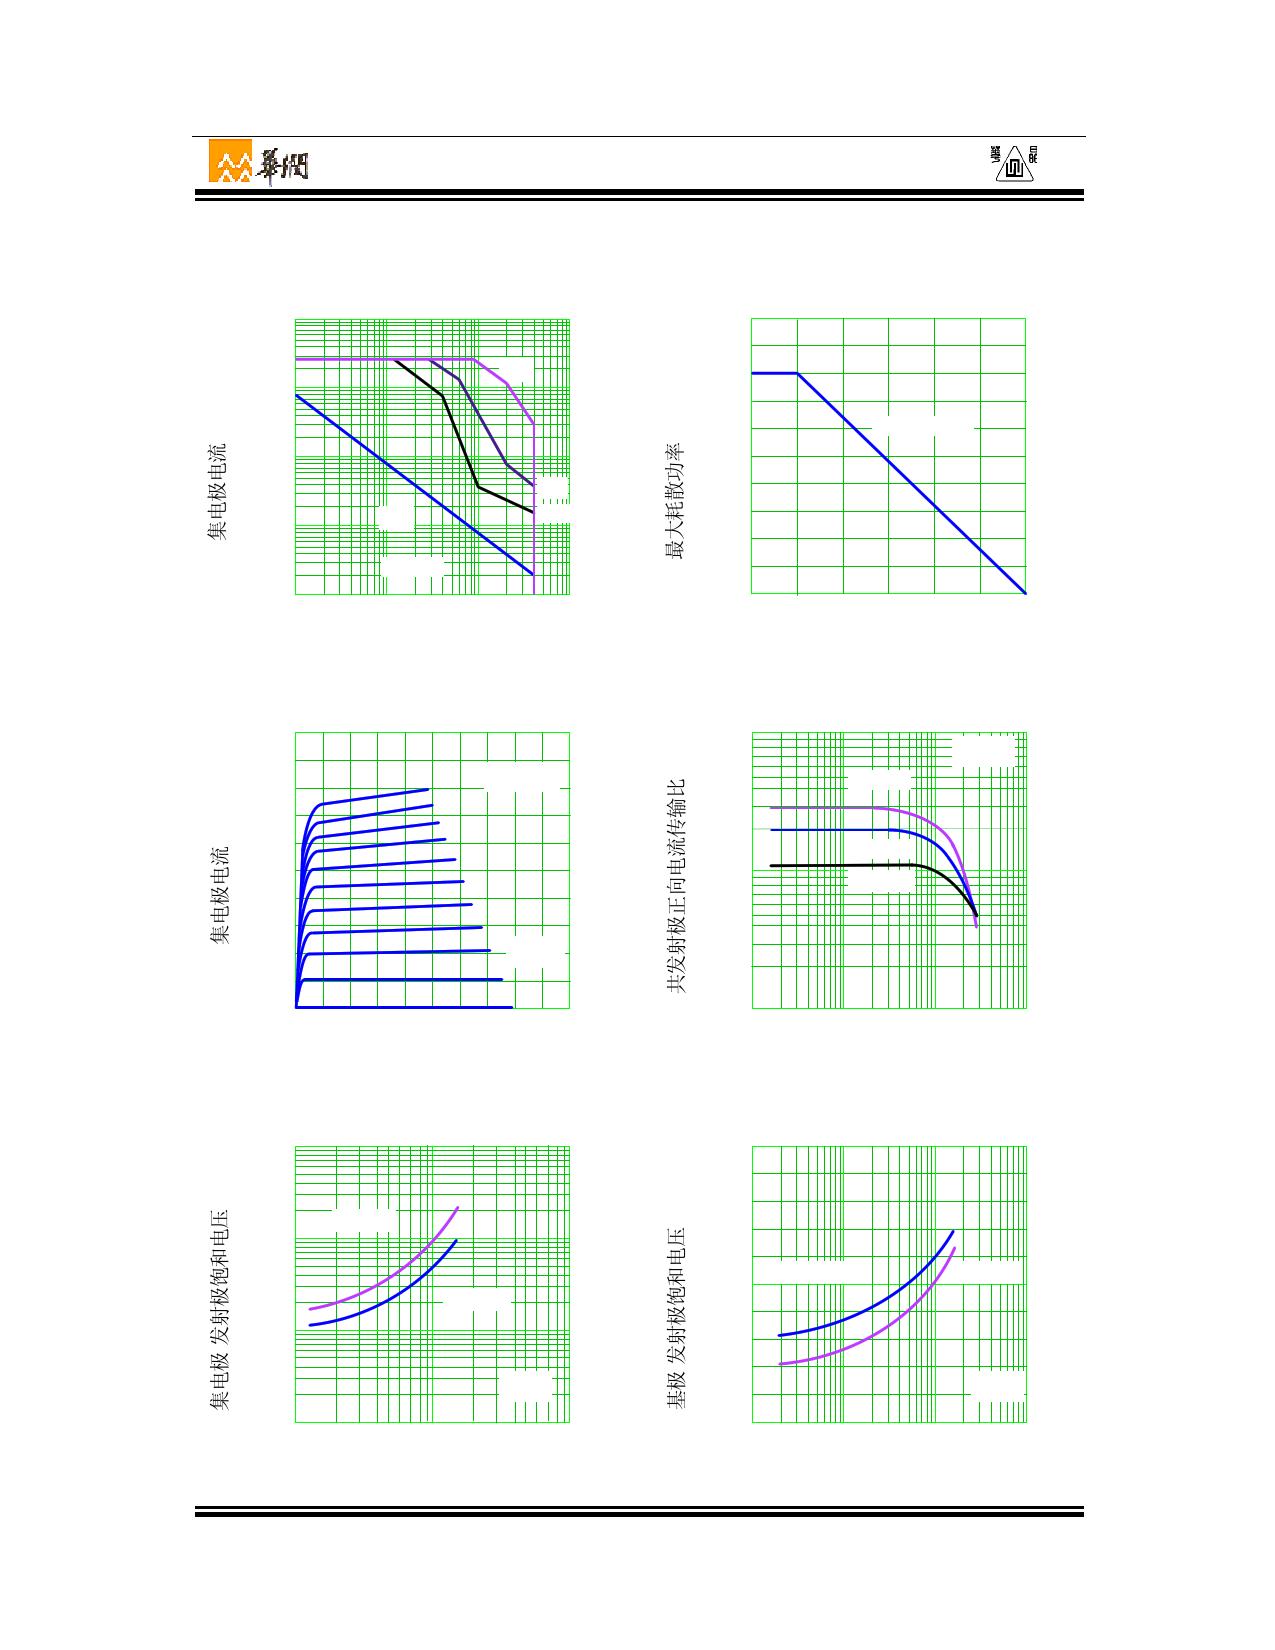 3DD4013A1D pdf, ピン配列